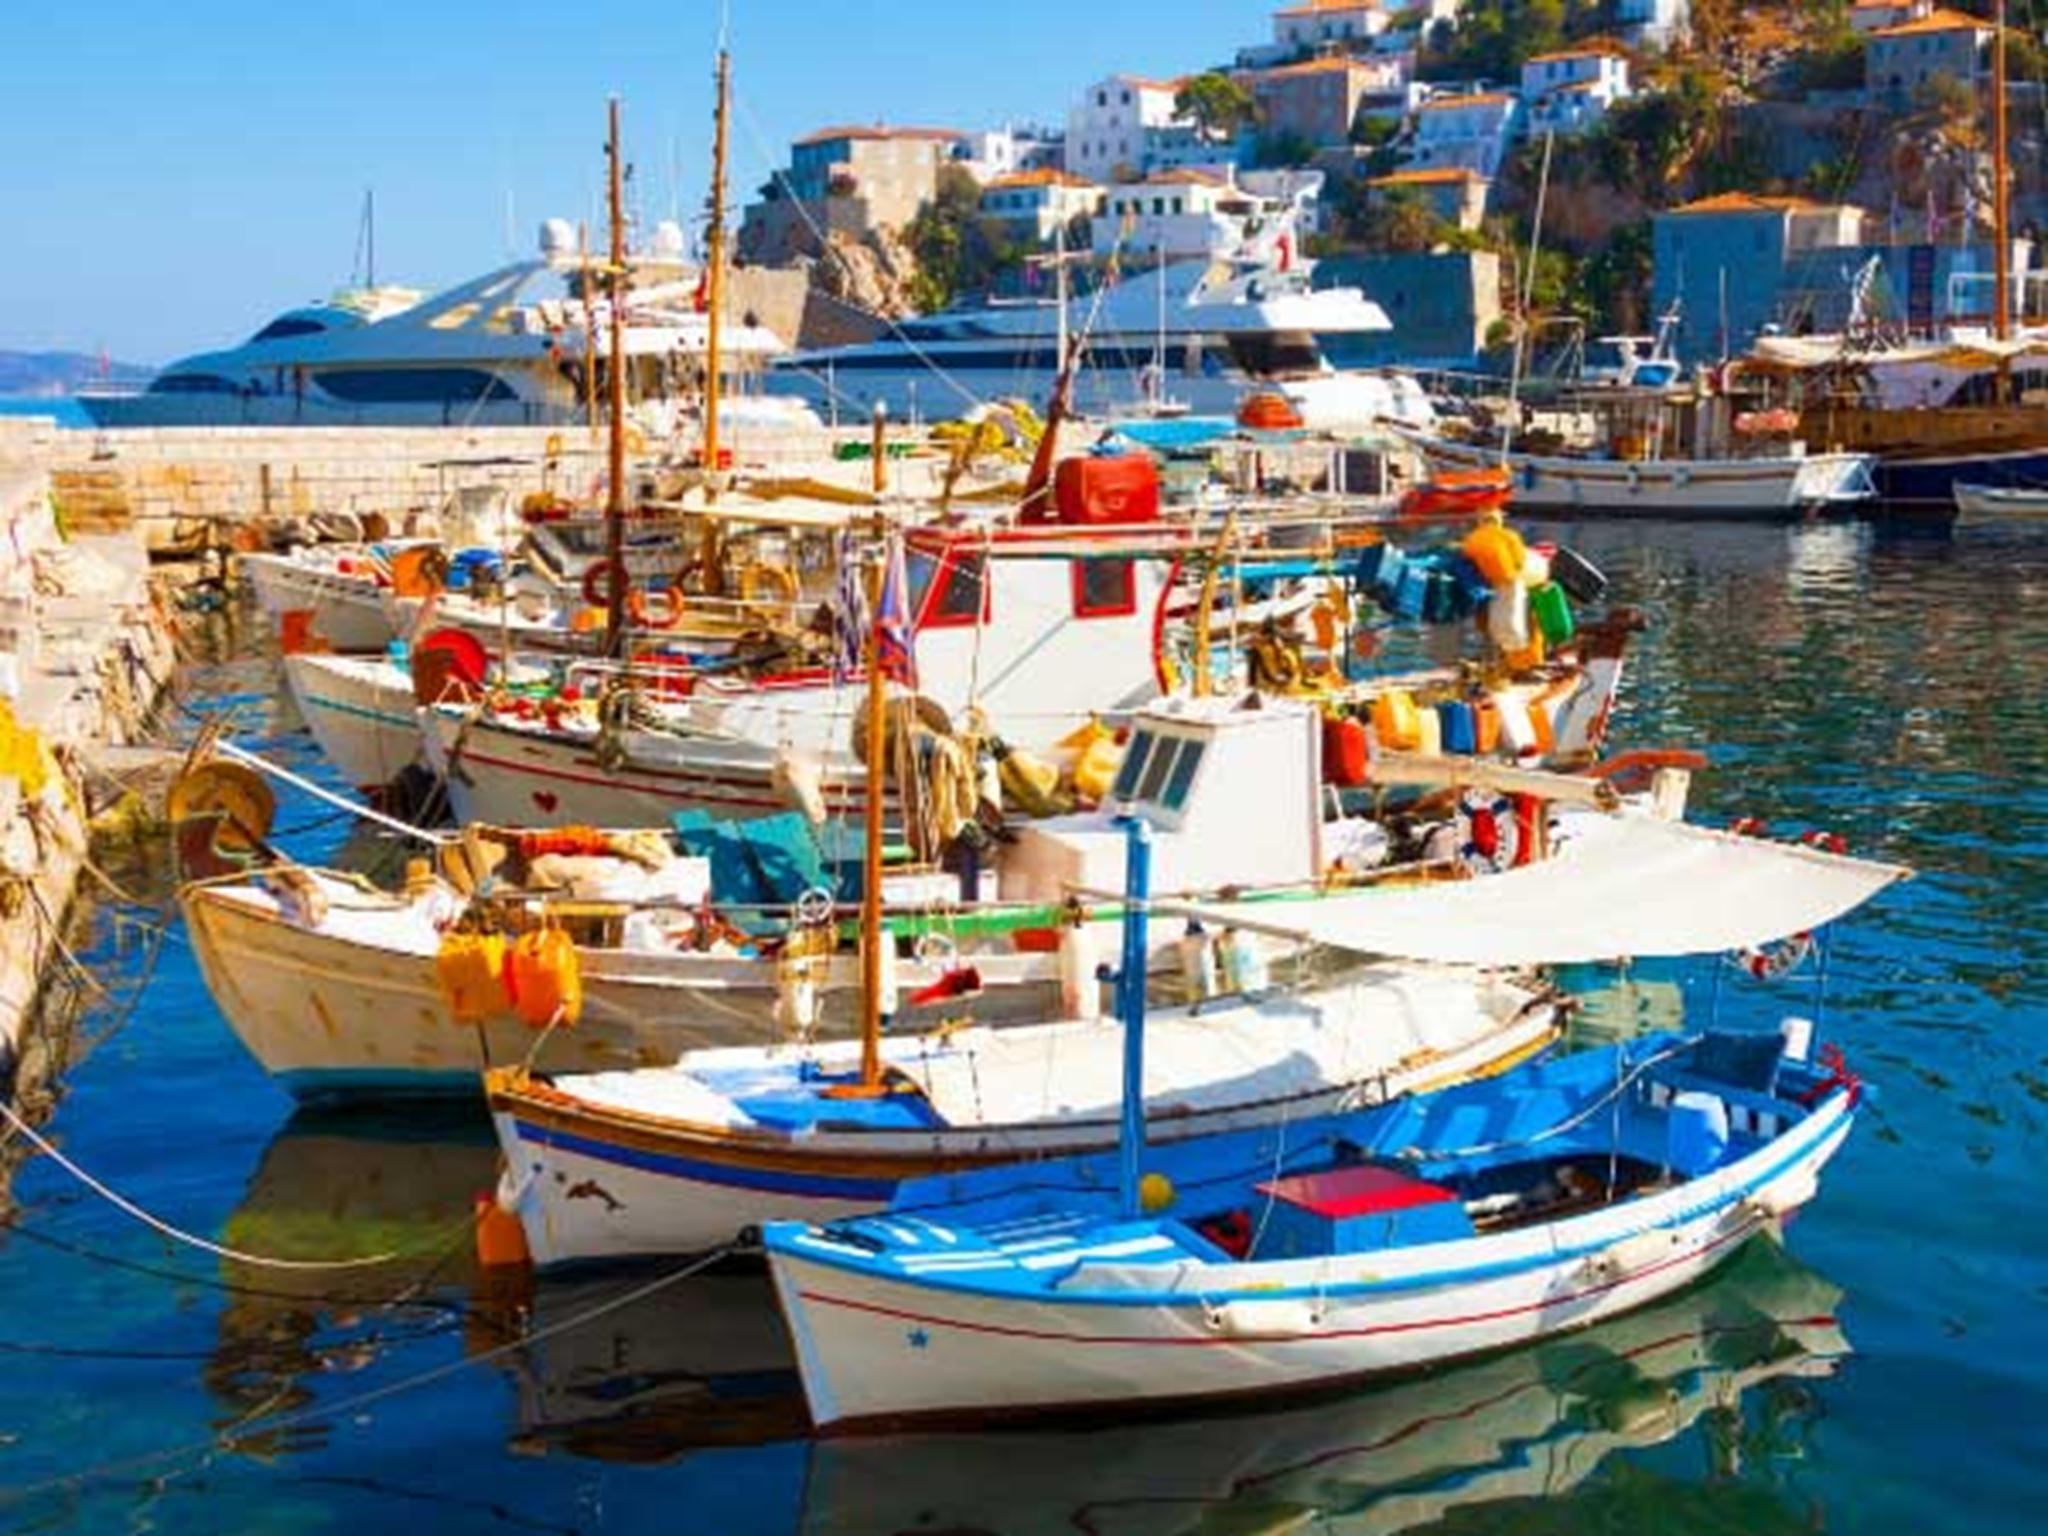 Những con thuyền đủ màu sắc với gam màu trắng chủ đạo.